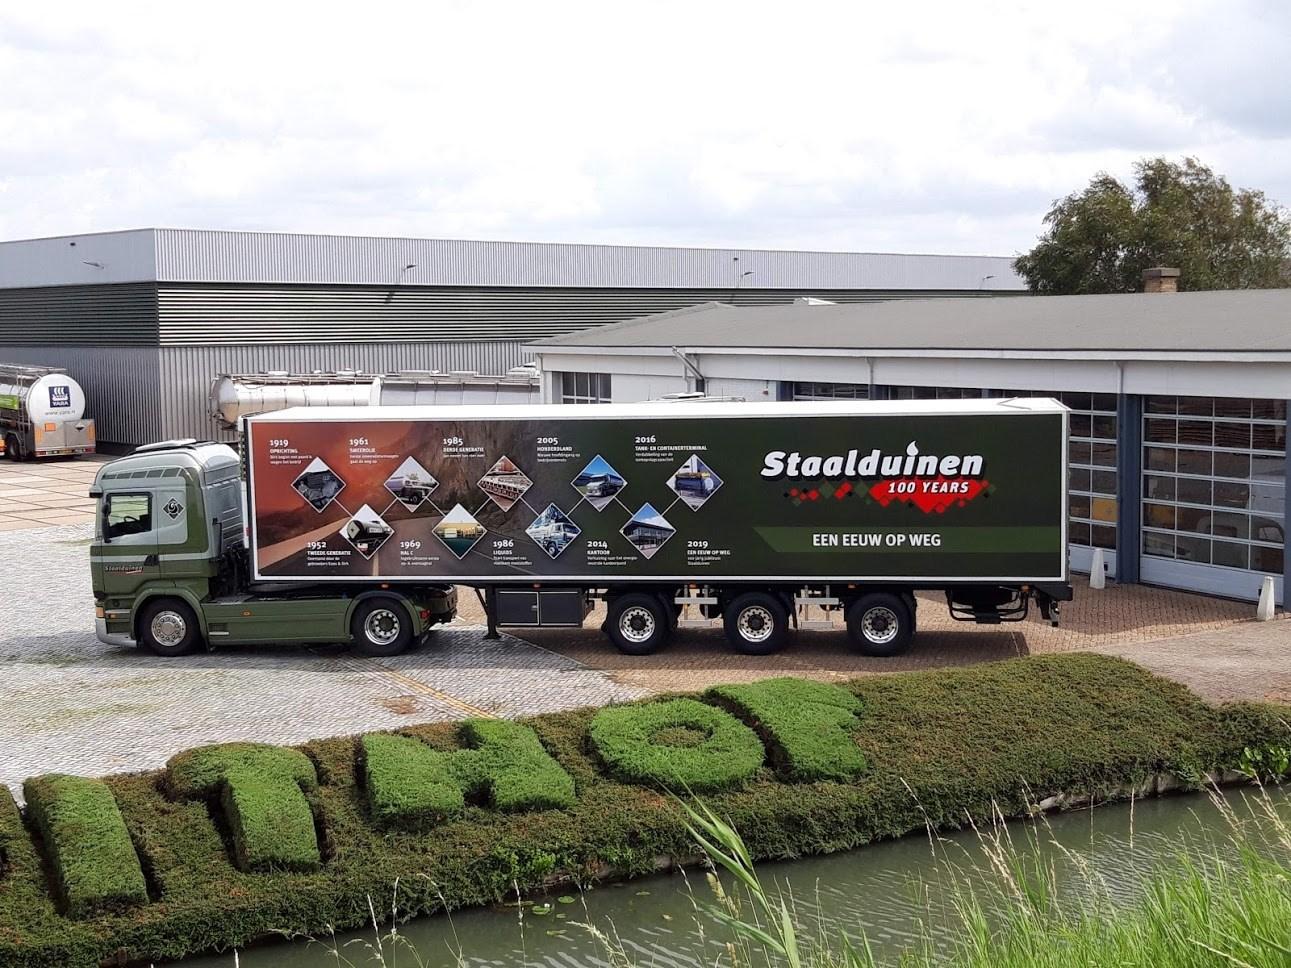 Staalduinen-Logistics-Maasdijk-bestaat-100-jaar--Deze-oplegger-is-nu-beplakt-met-de-verschillende-perioden-van-vervoer